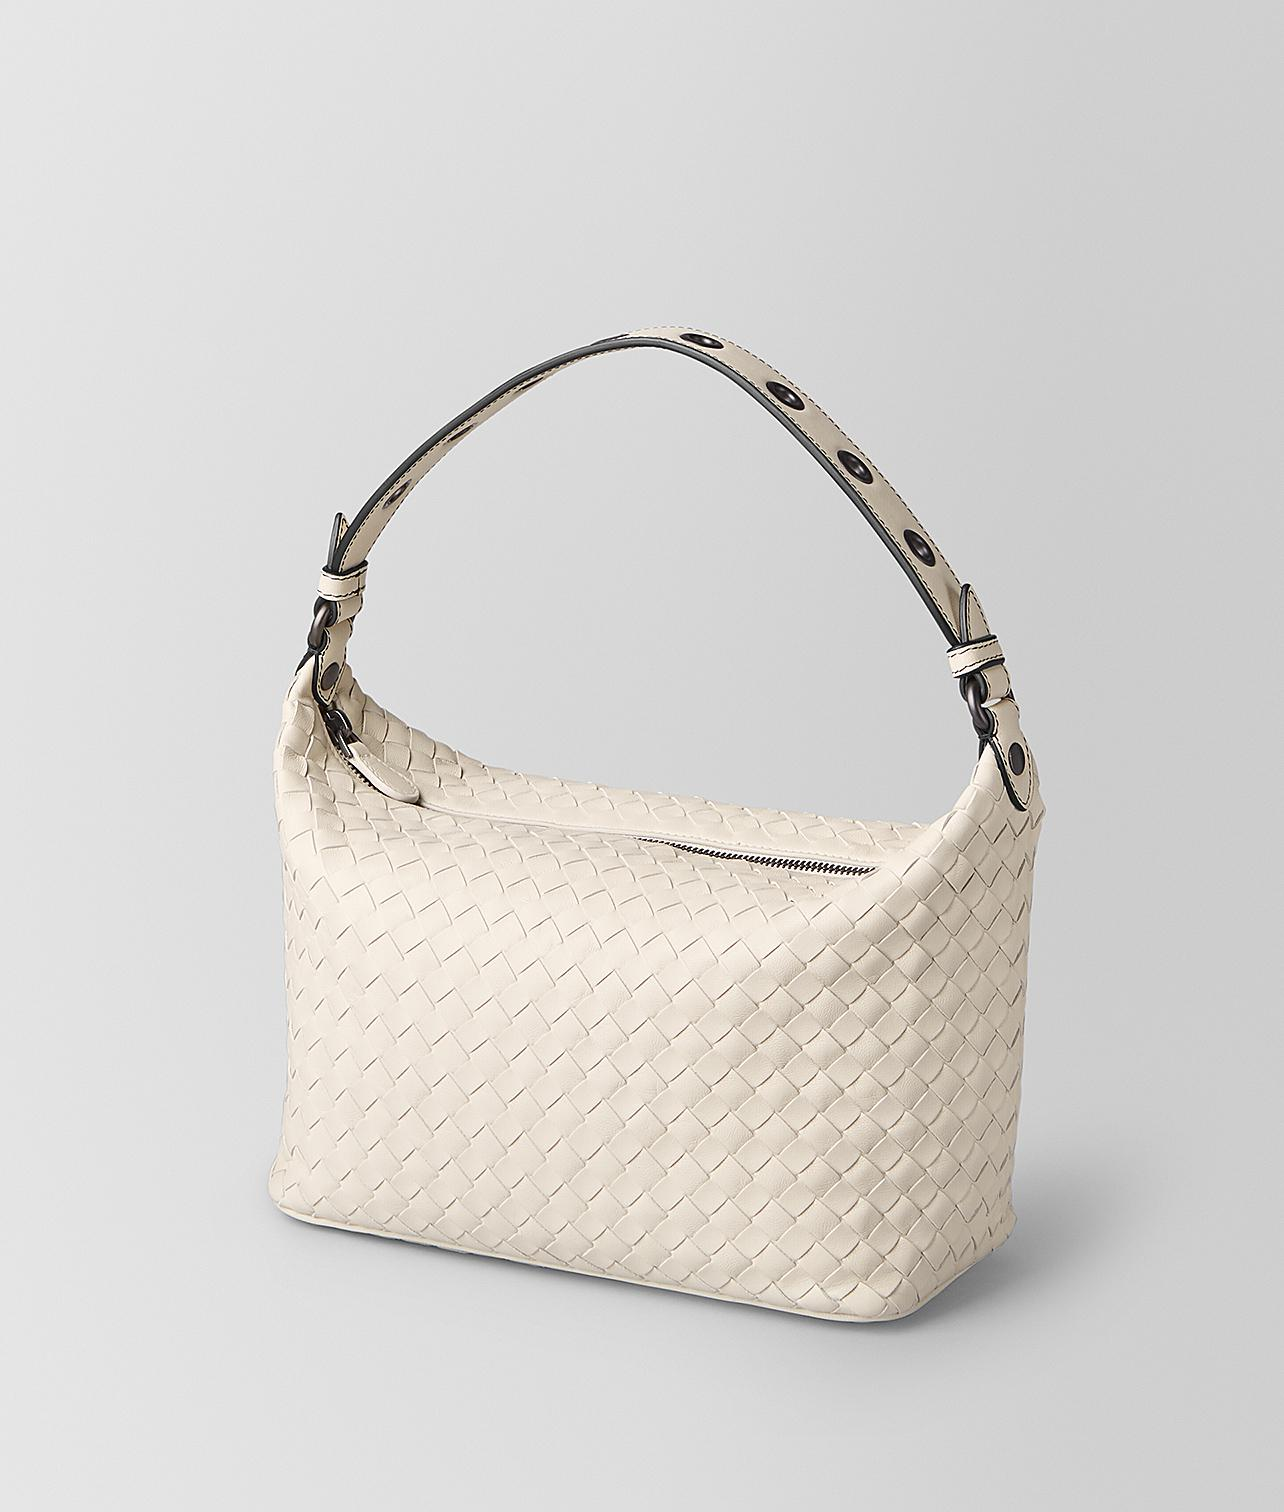 Lyst - Bottega Veneta Ciambrino Bag In Intrecciato Nappa 19ff018f648e8